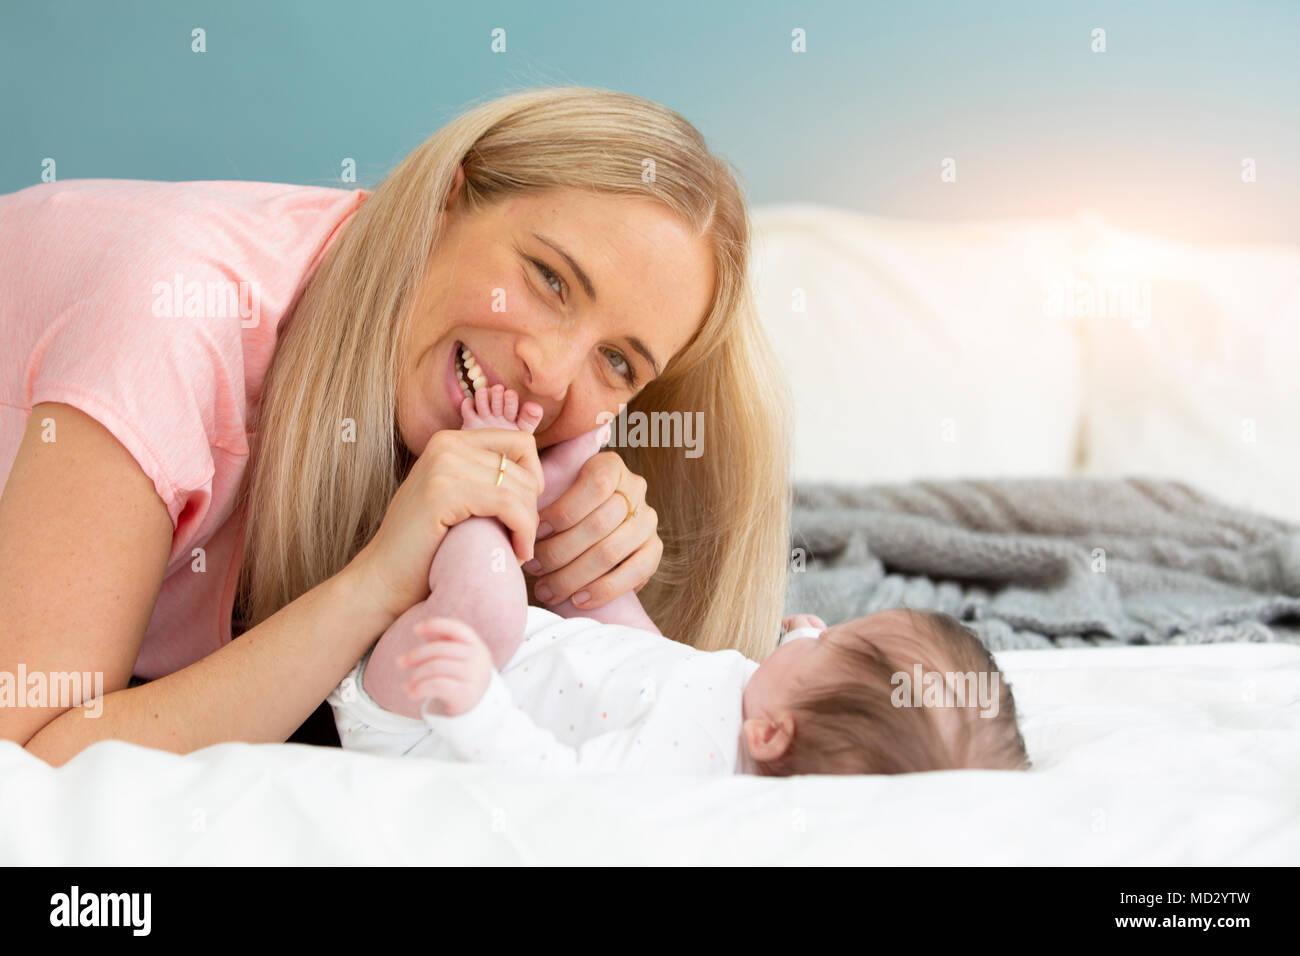 Jeune, belle et blonde mère avec chemise rose est de câlins avec son bébé au lit Photo Stock